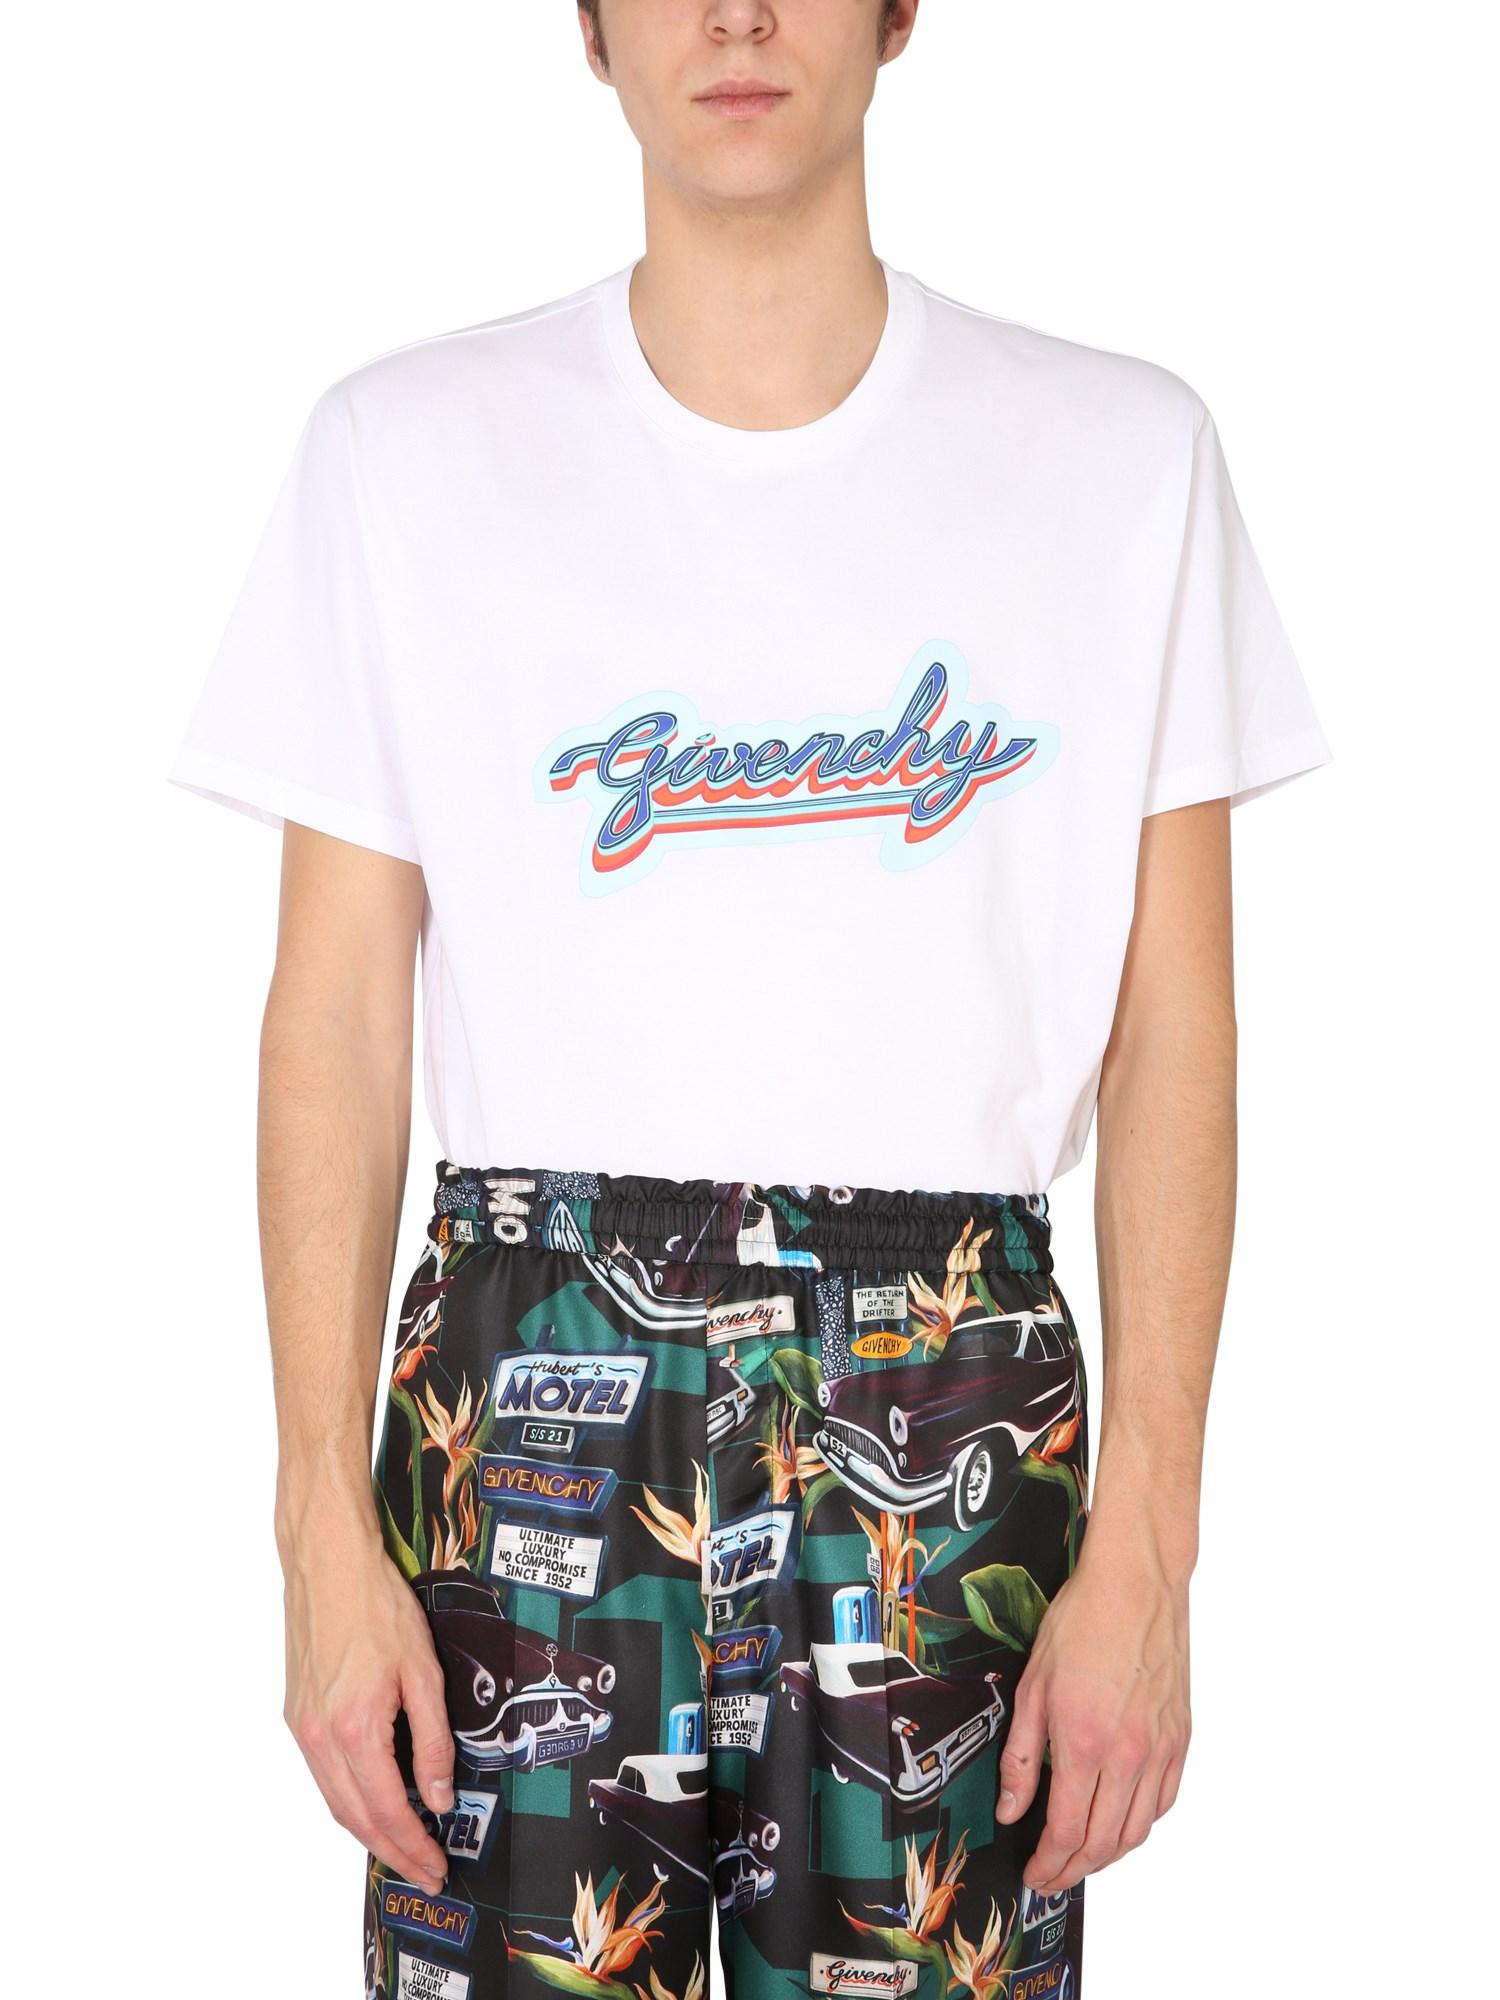 Givenchy T-SHIRT CON LOGO RETRO